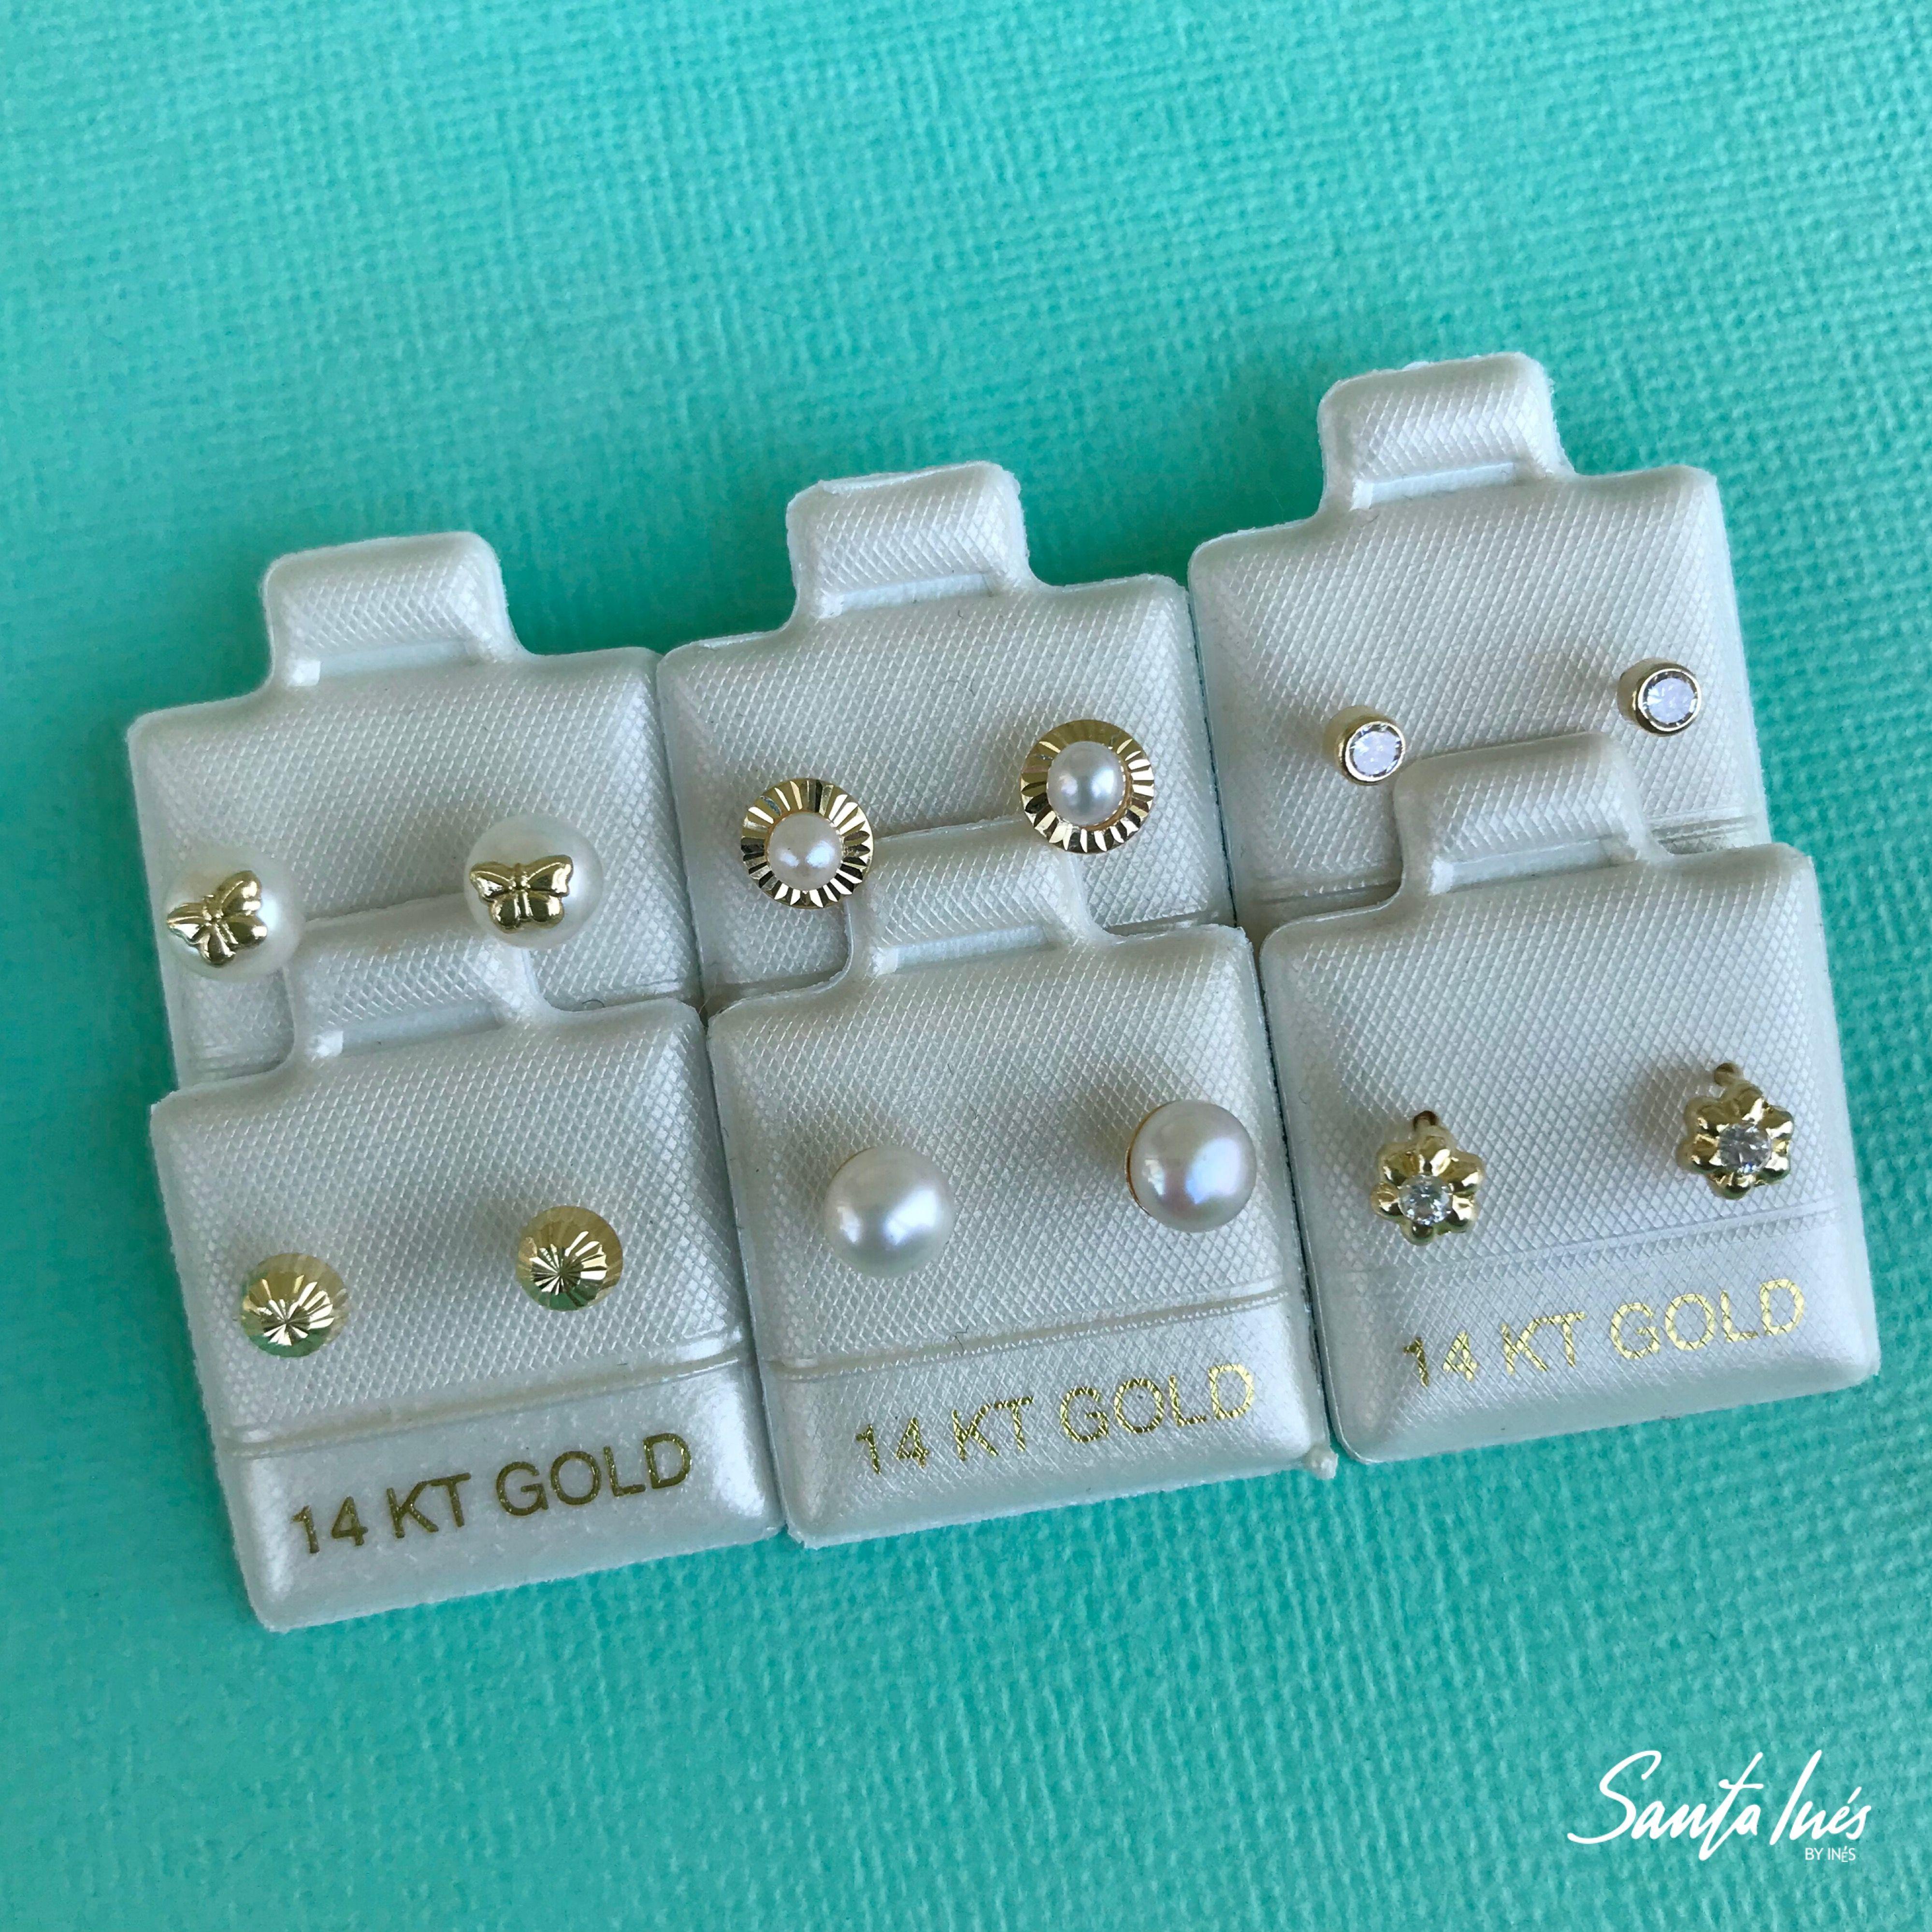 0ed773ee5b4b Broqueles en oro 14k para bebé Santa Inés - Joyería